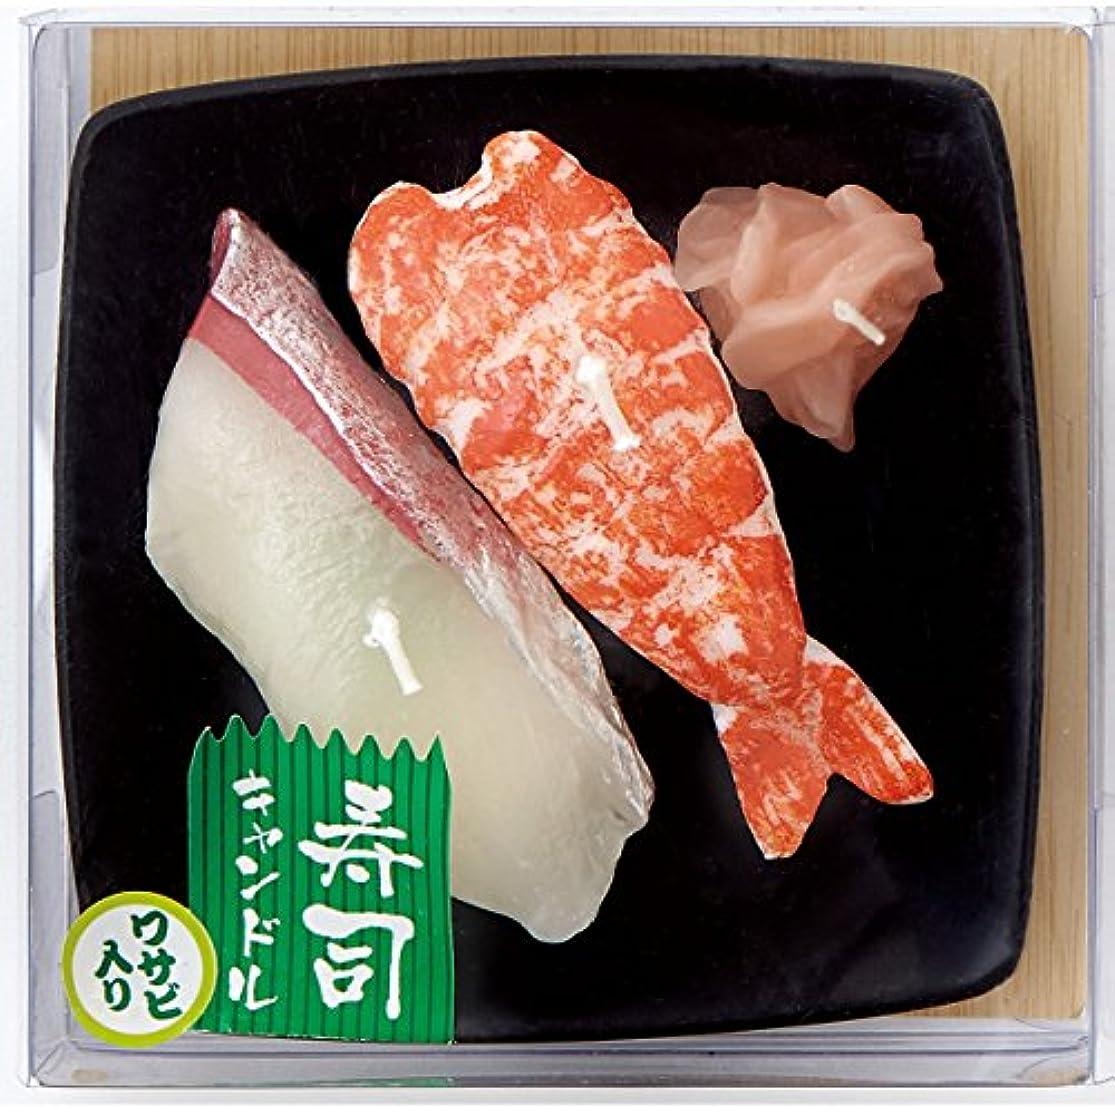 真鍮剃る開梱寿司キャンドル B(エビ?ハマチ) サビ入